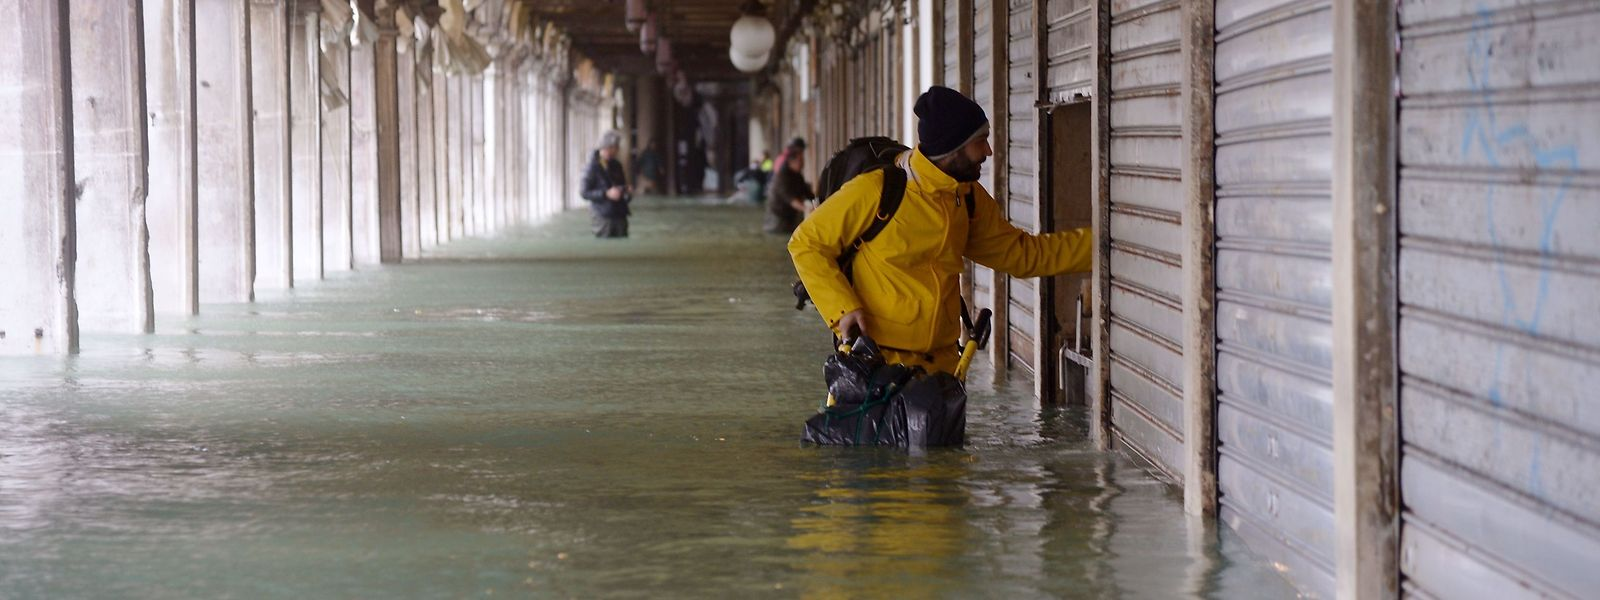 Ein überfluteter Arkadengang am Markusplatz: Die Hochwasser-Gefahr in Venedig ist noch nicht gebannt.